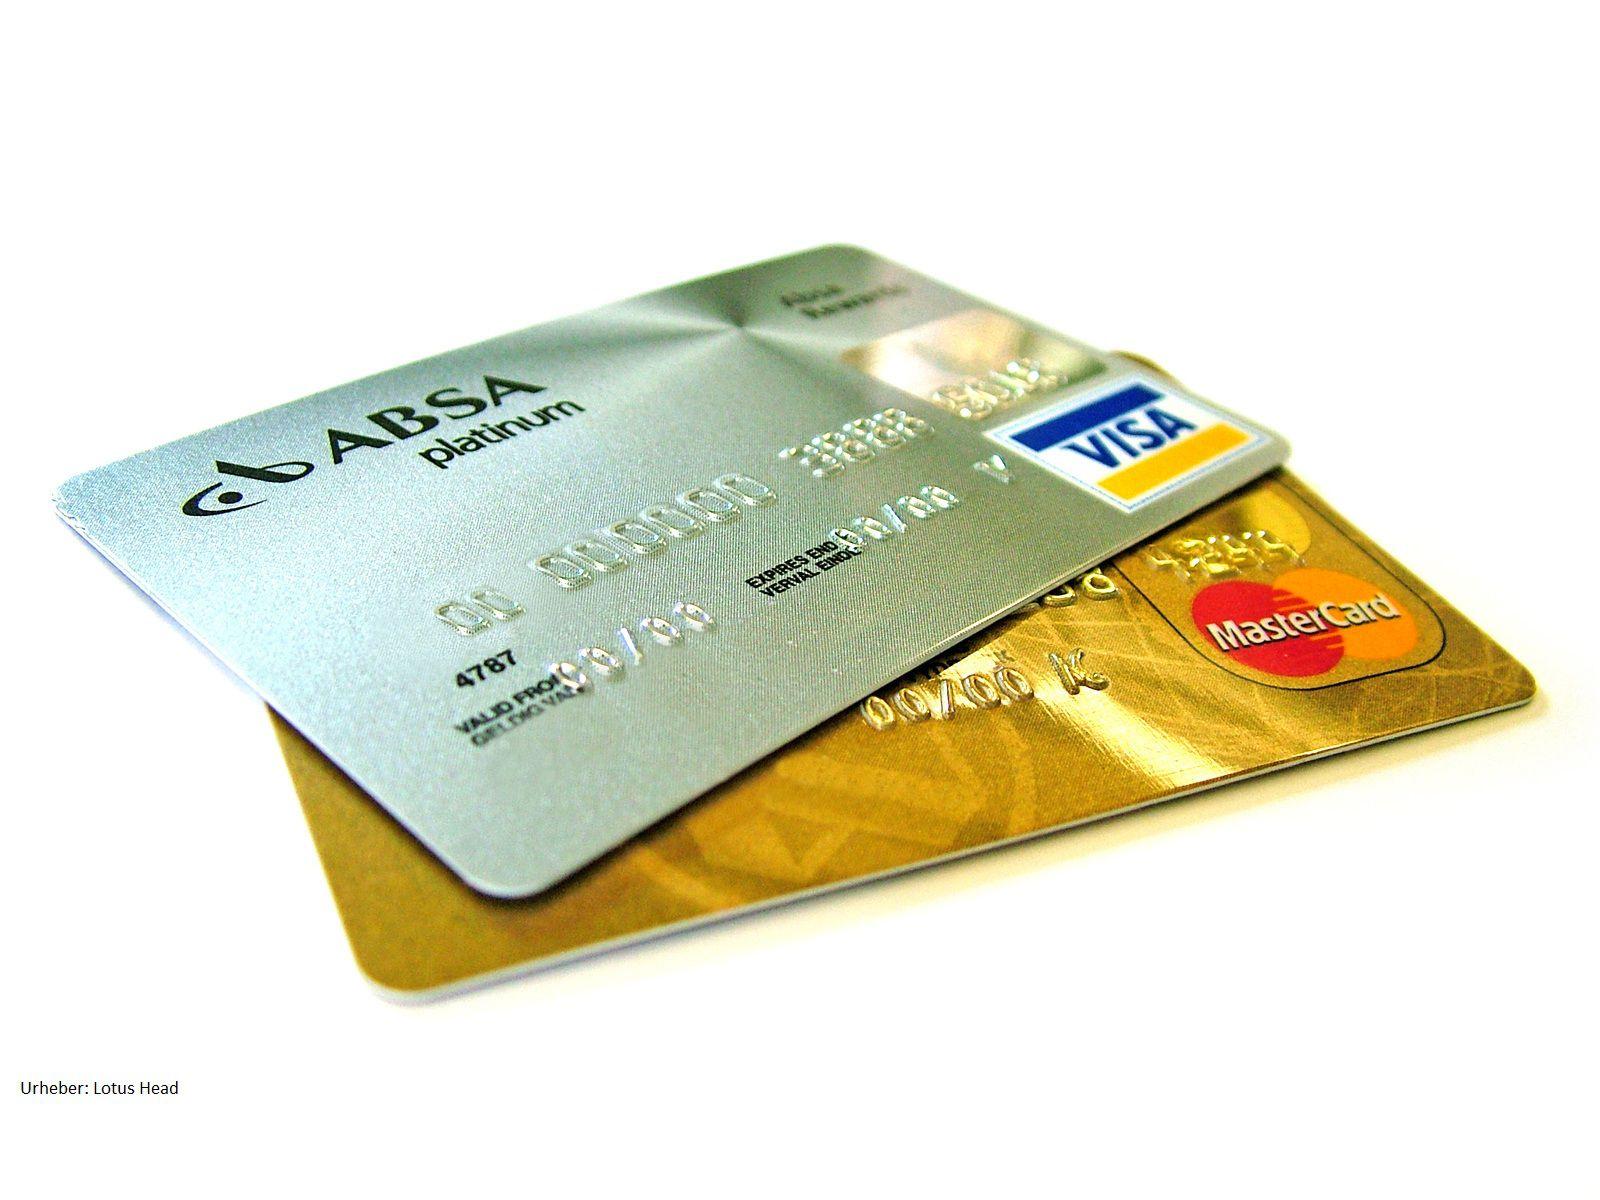 02-Supportnet-hilft-Sicher-mit-Geld-im-Internet-umgehen-Kreditkarte-80.jpg?nocache=1322482159163